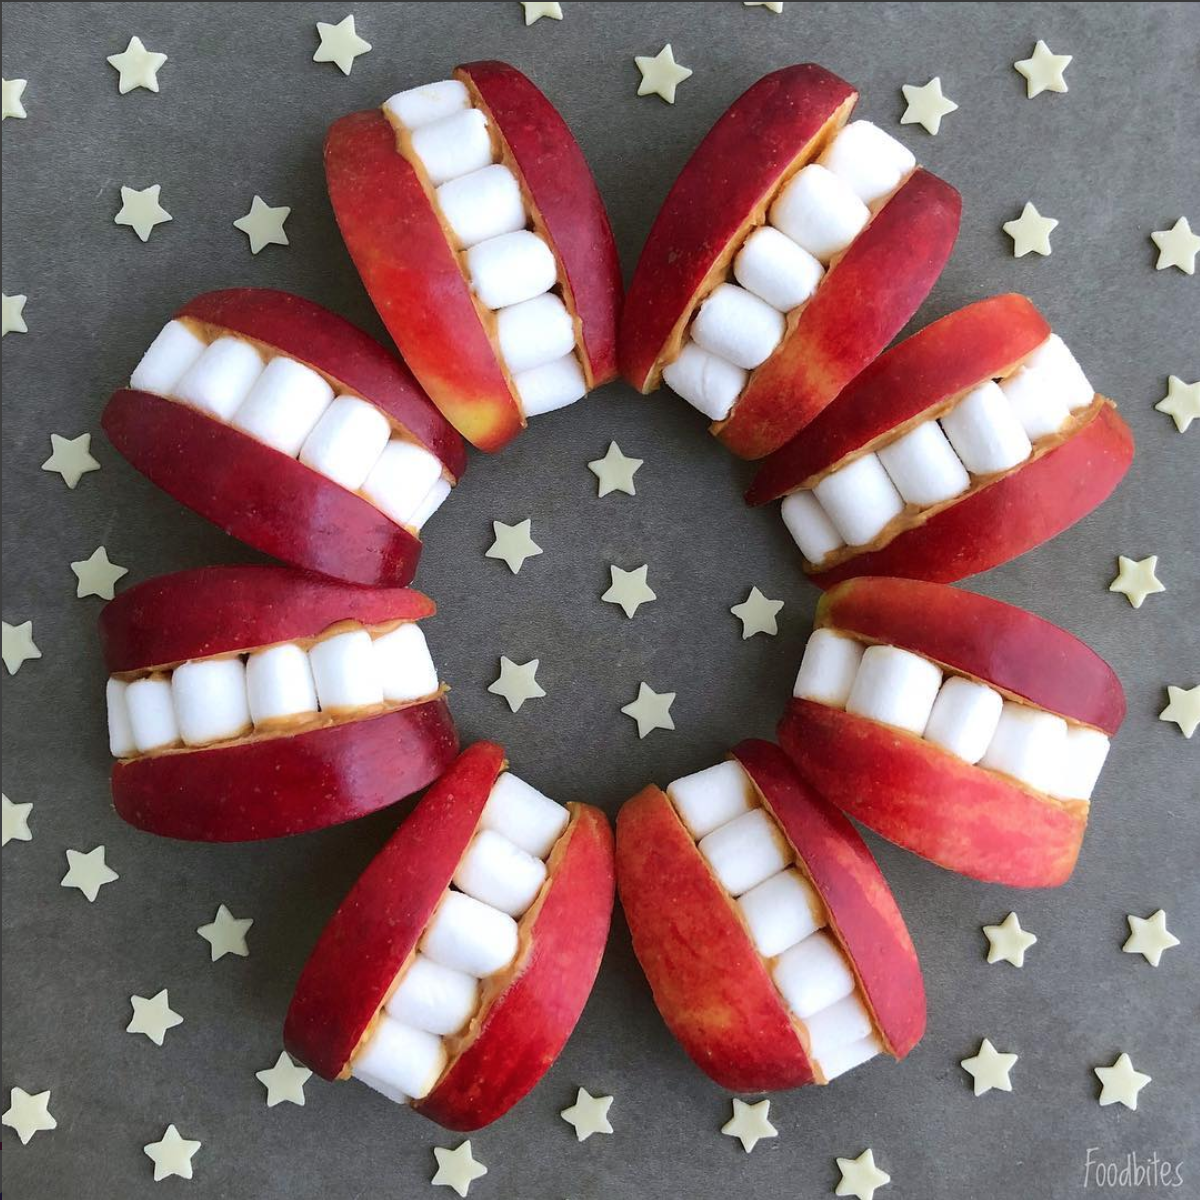 Foodbites äpplebitar och marsmallows ihopsatta som munnar med tänder